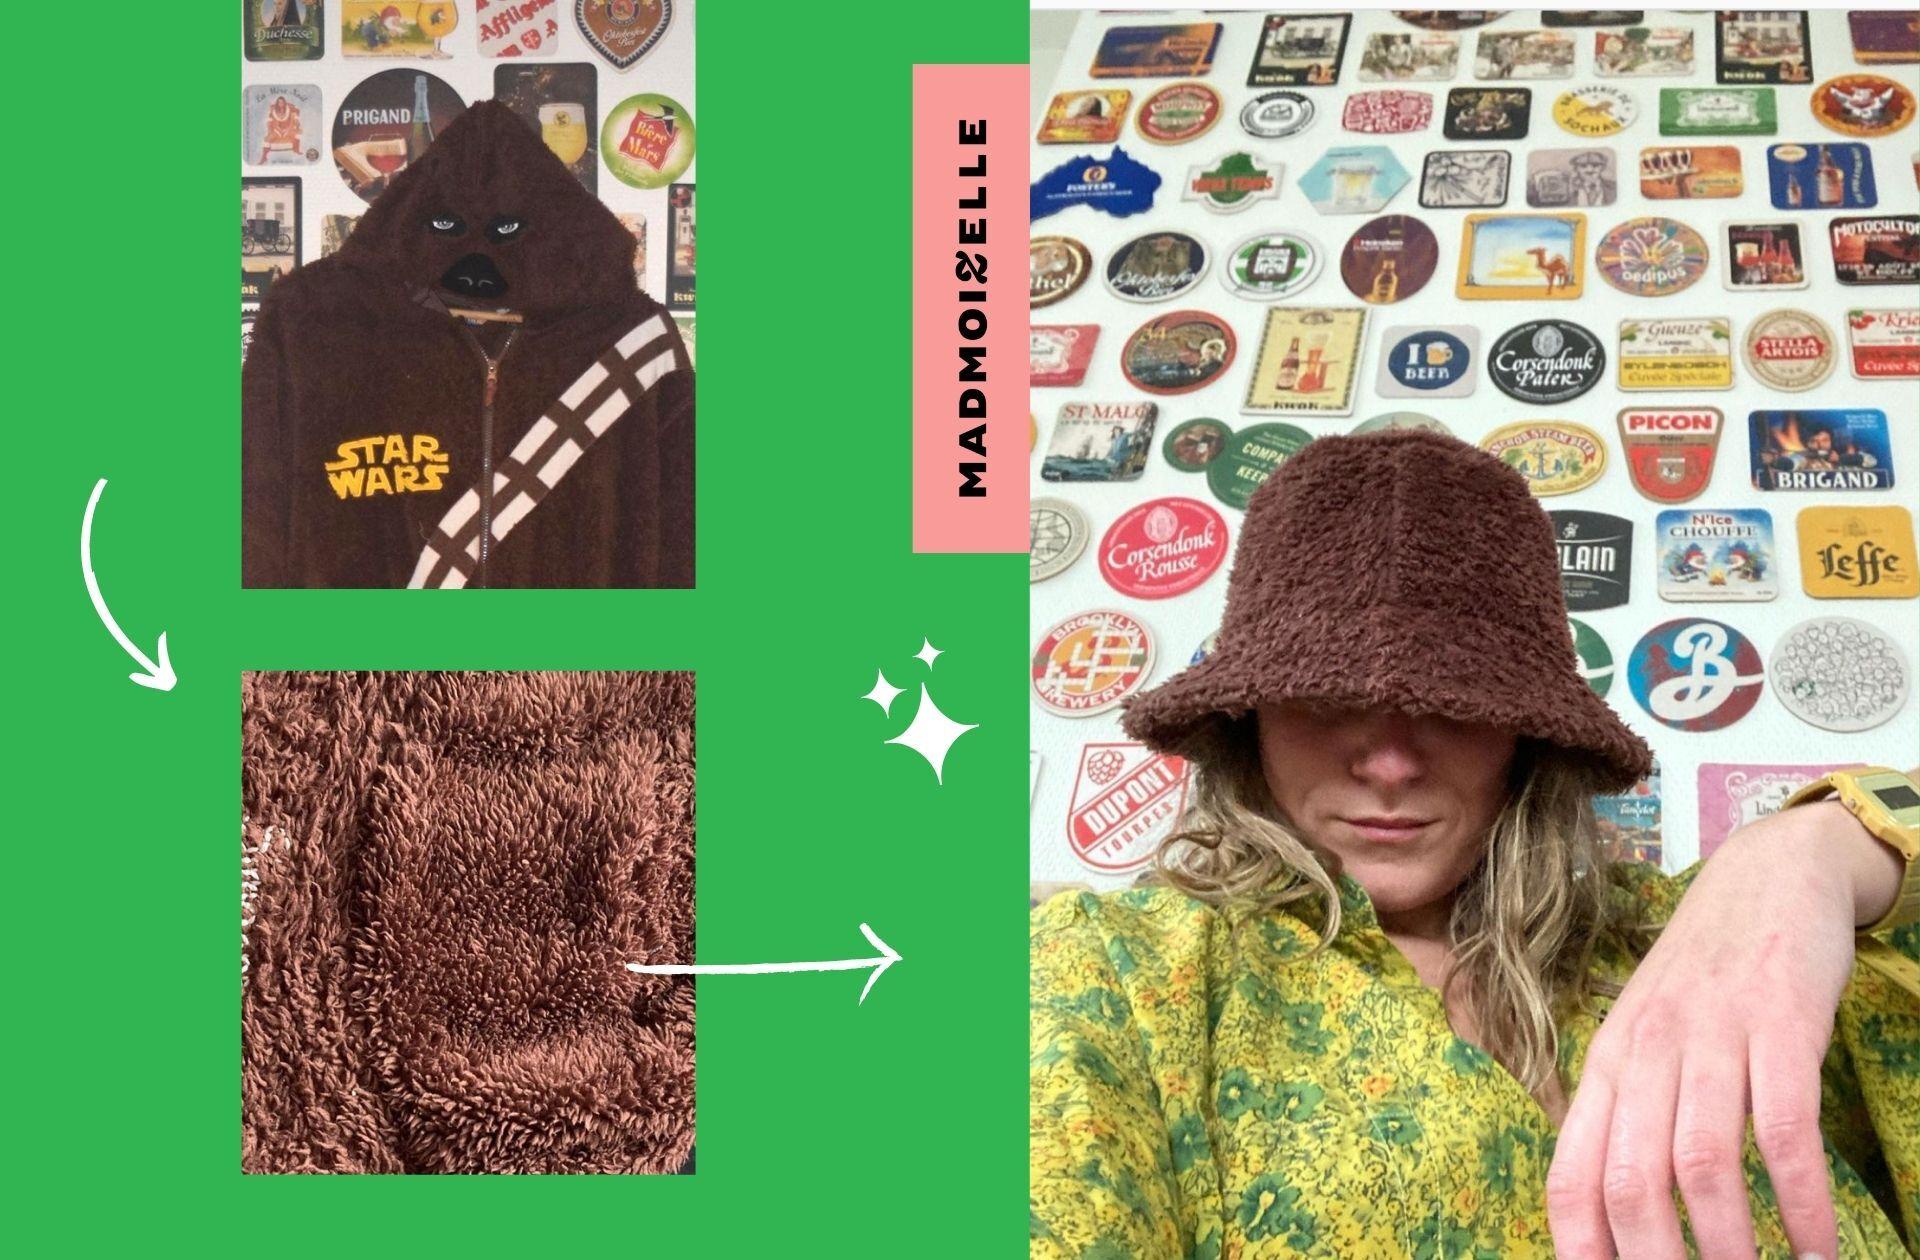 Acte politique, retour à l'essentiel… pourquoi la mode DIY cartonne chez les millennials